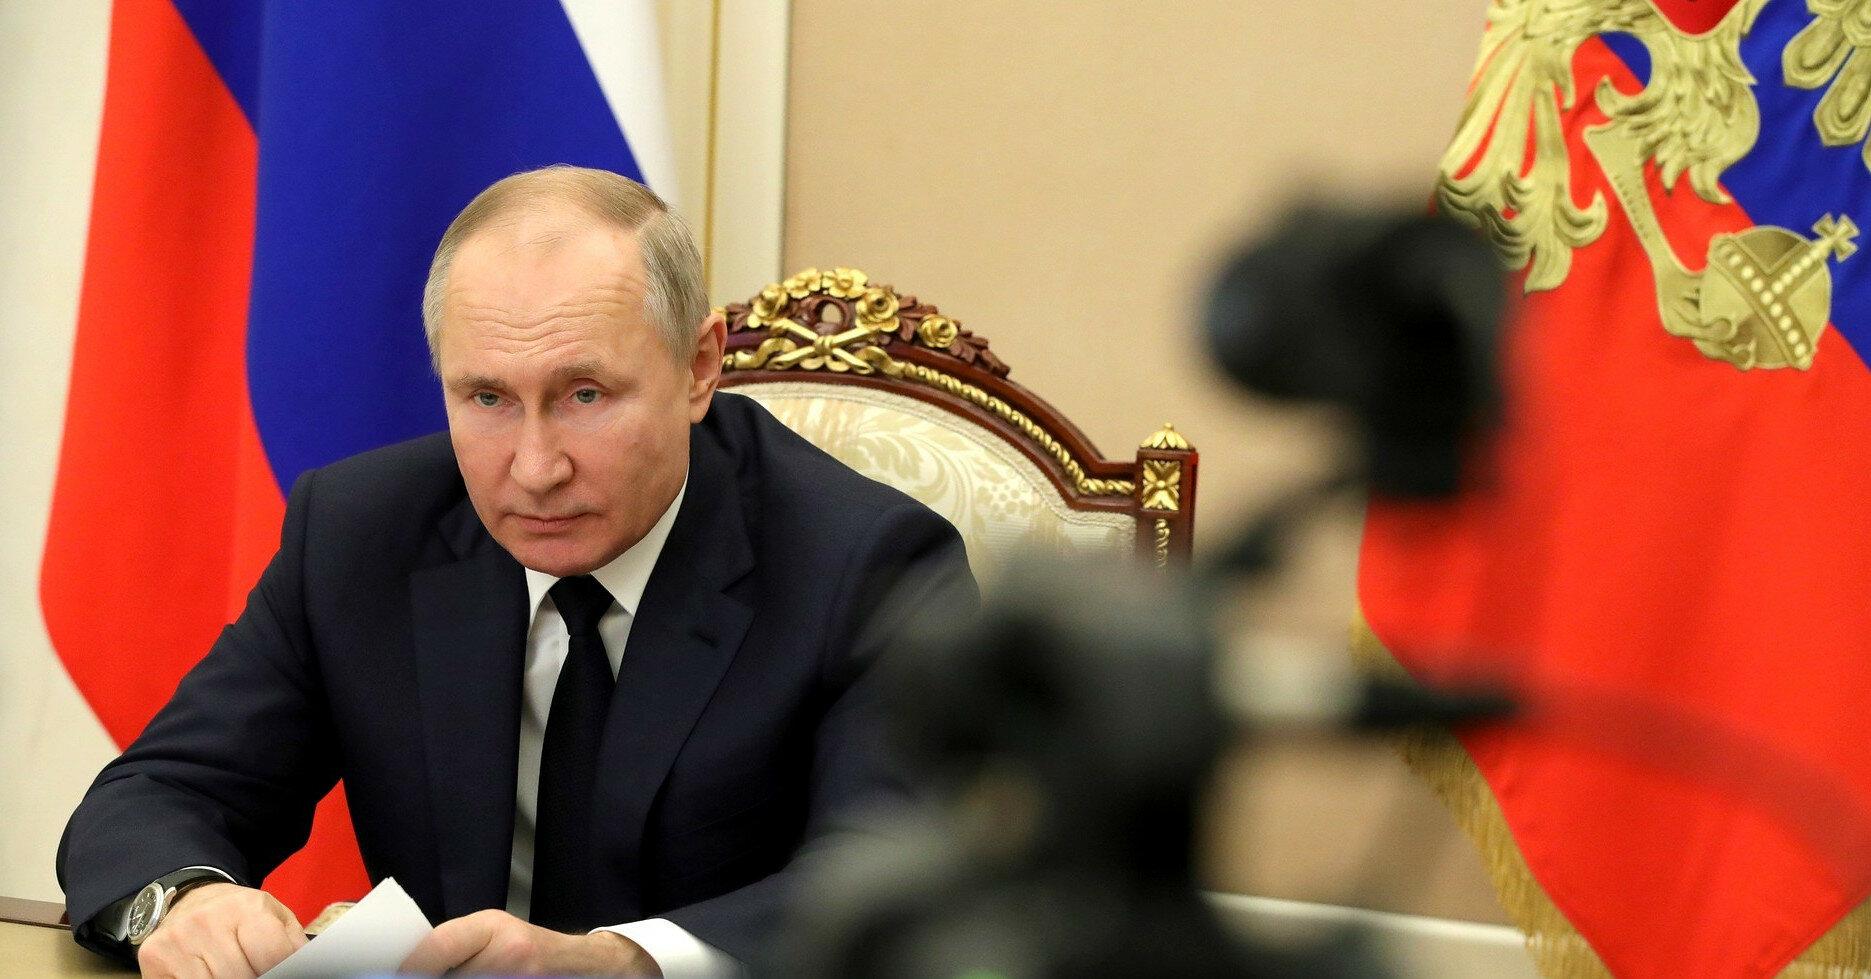 Путин обвинил Украину в нарушении минским соглашениям